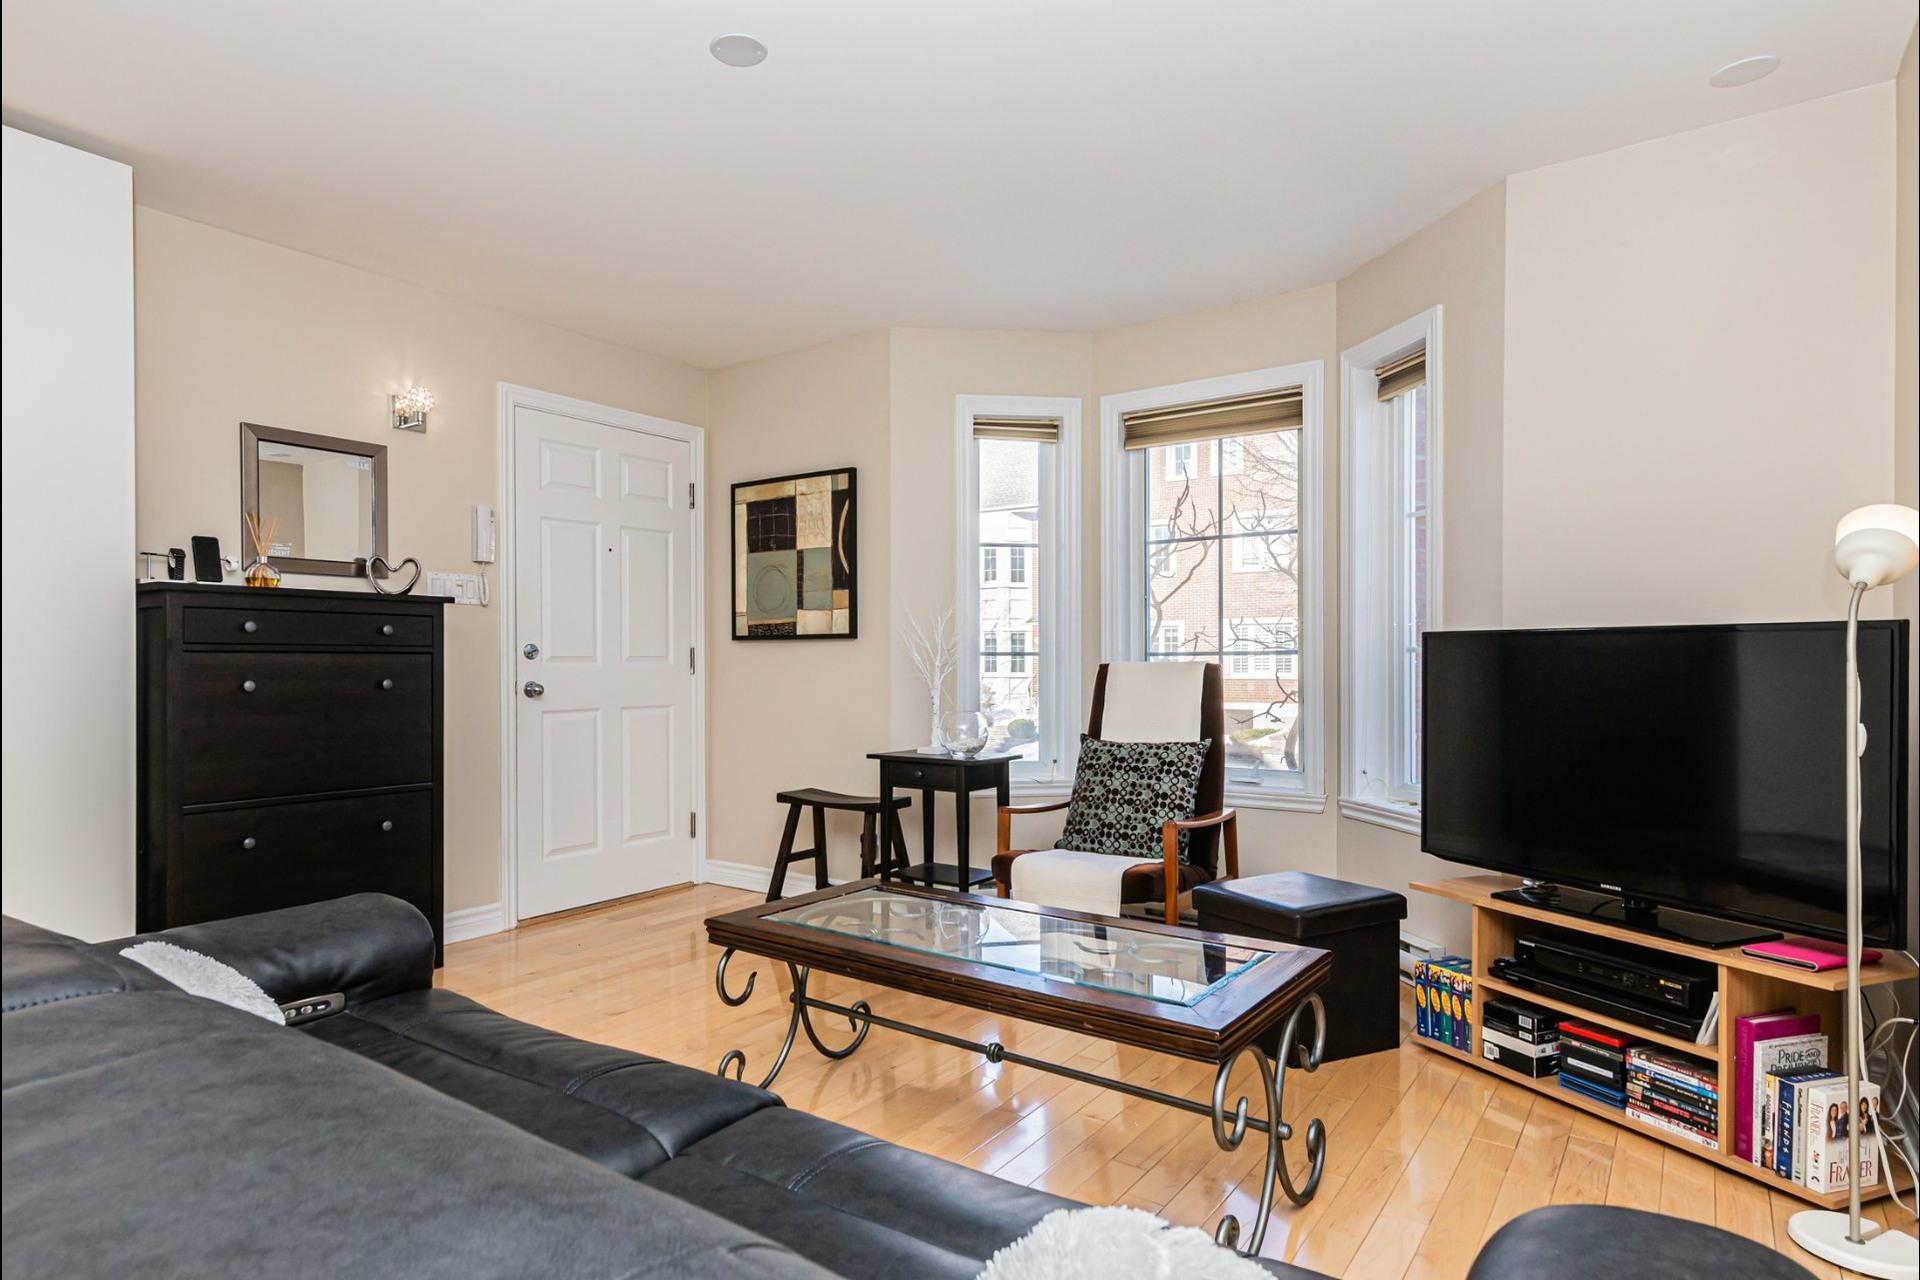 image 3 - Apartment For sale Saint-Laurent Montréal  - 4 rooms